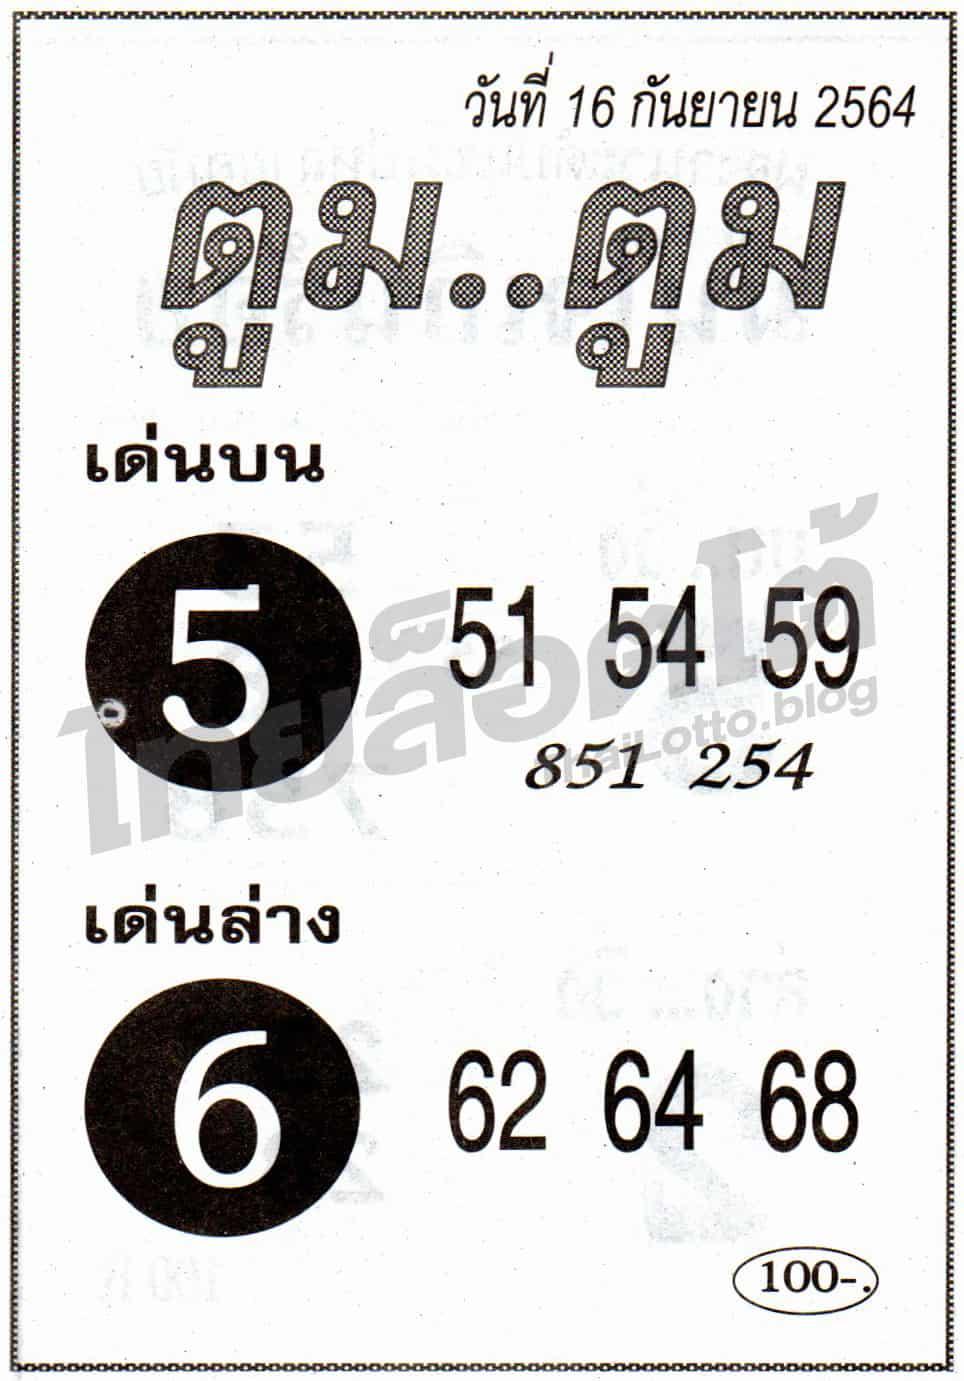 หวยซอง หวยตูมตูม-160964